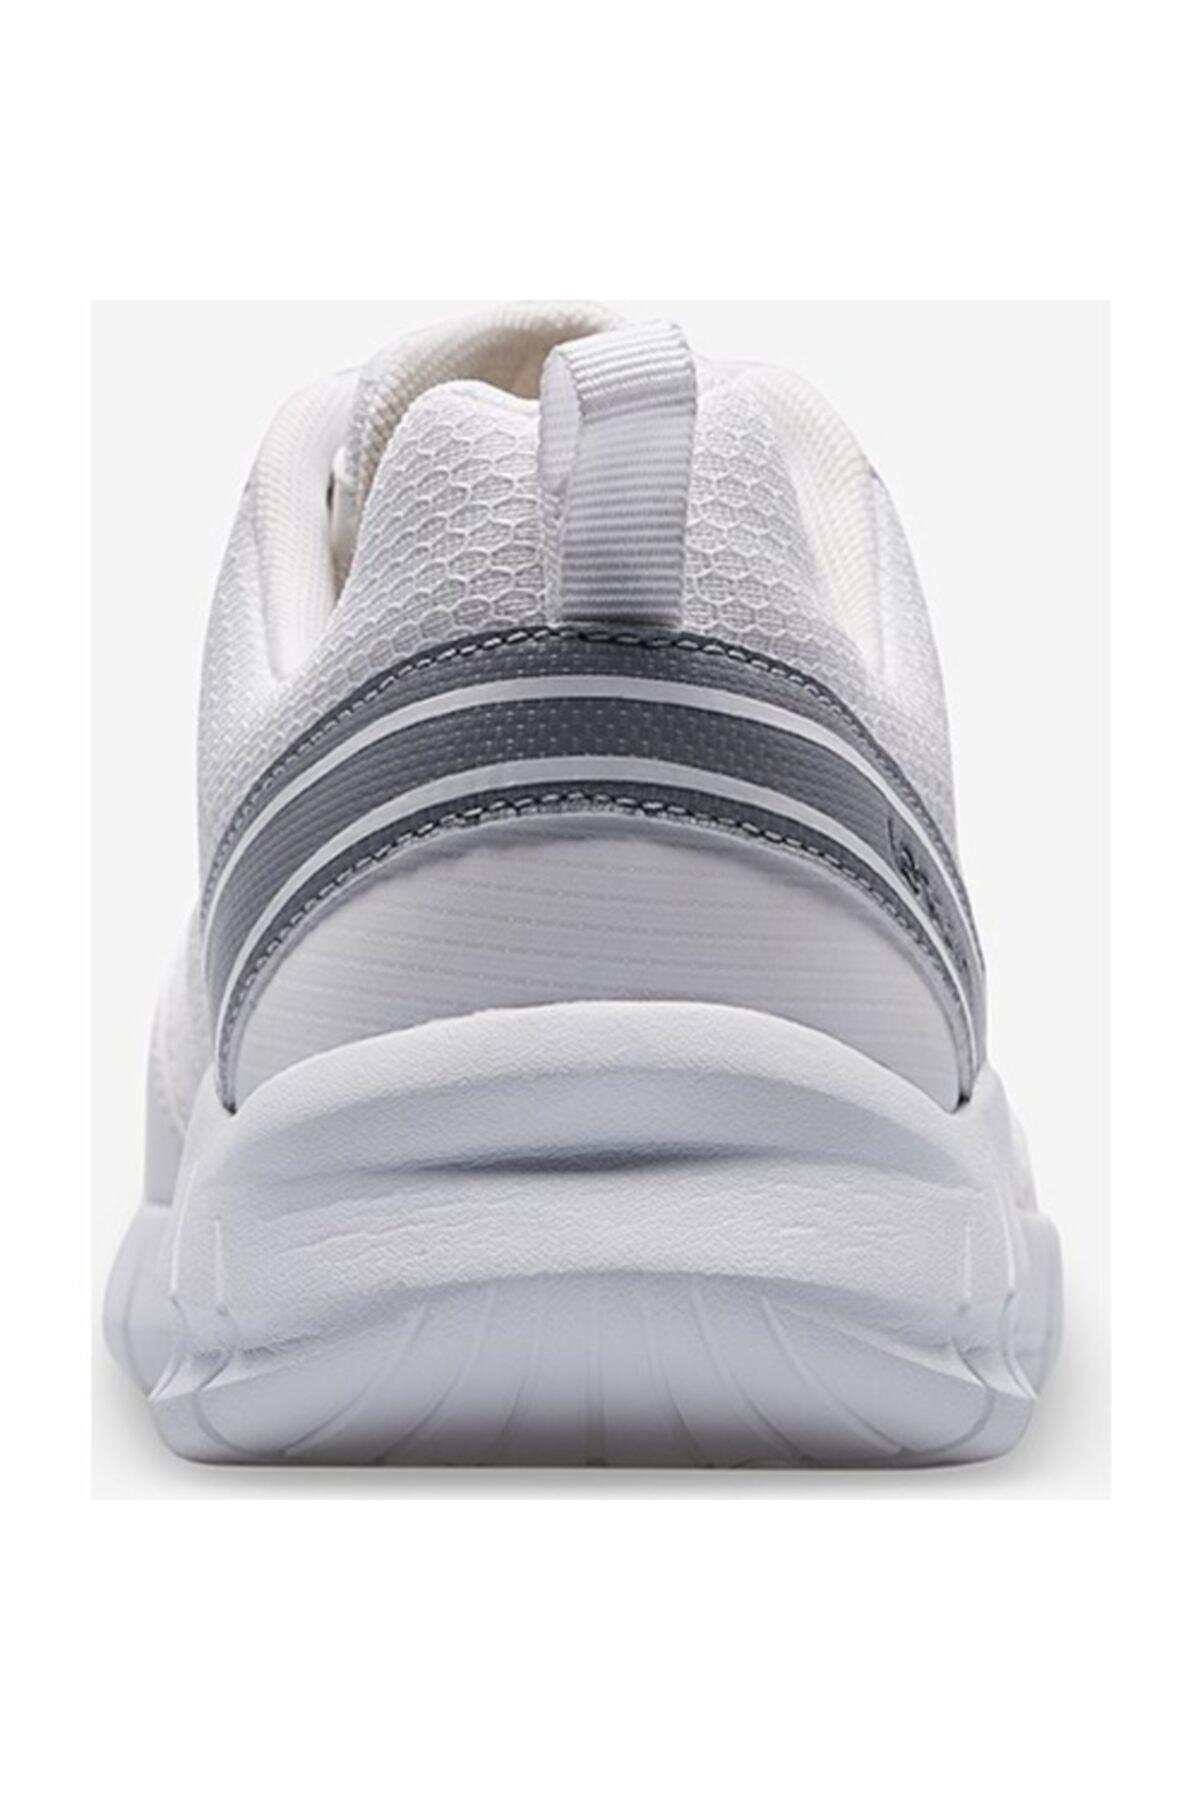 Lescon Flex Legend Beyaz Unisex Spor Ayakkabı 2